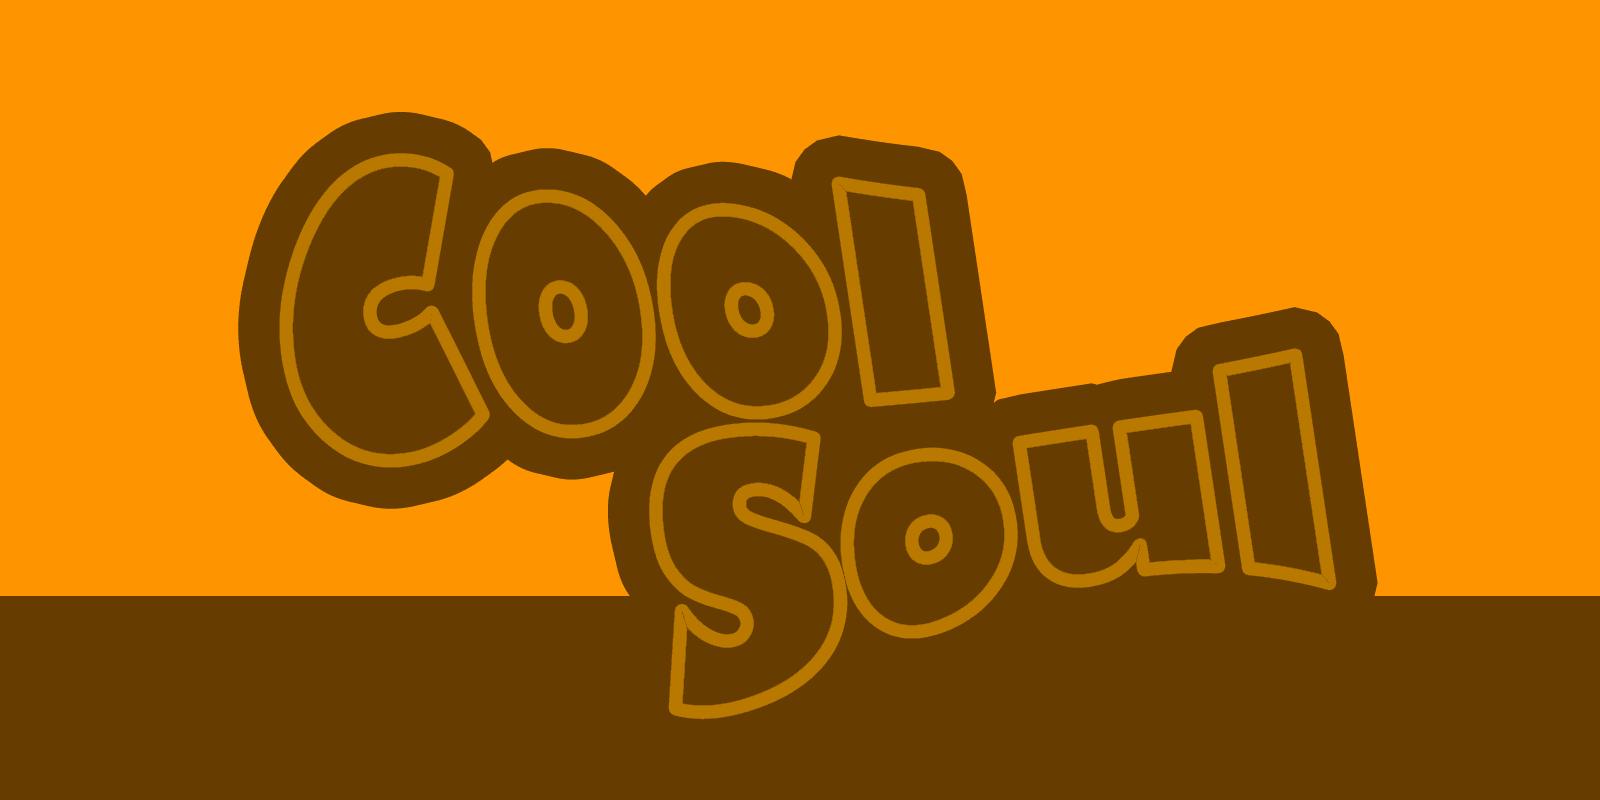 Cool Soul on Gateway 97.8